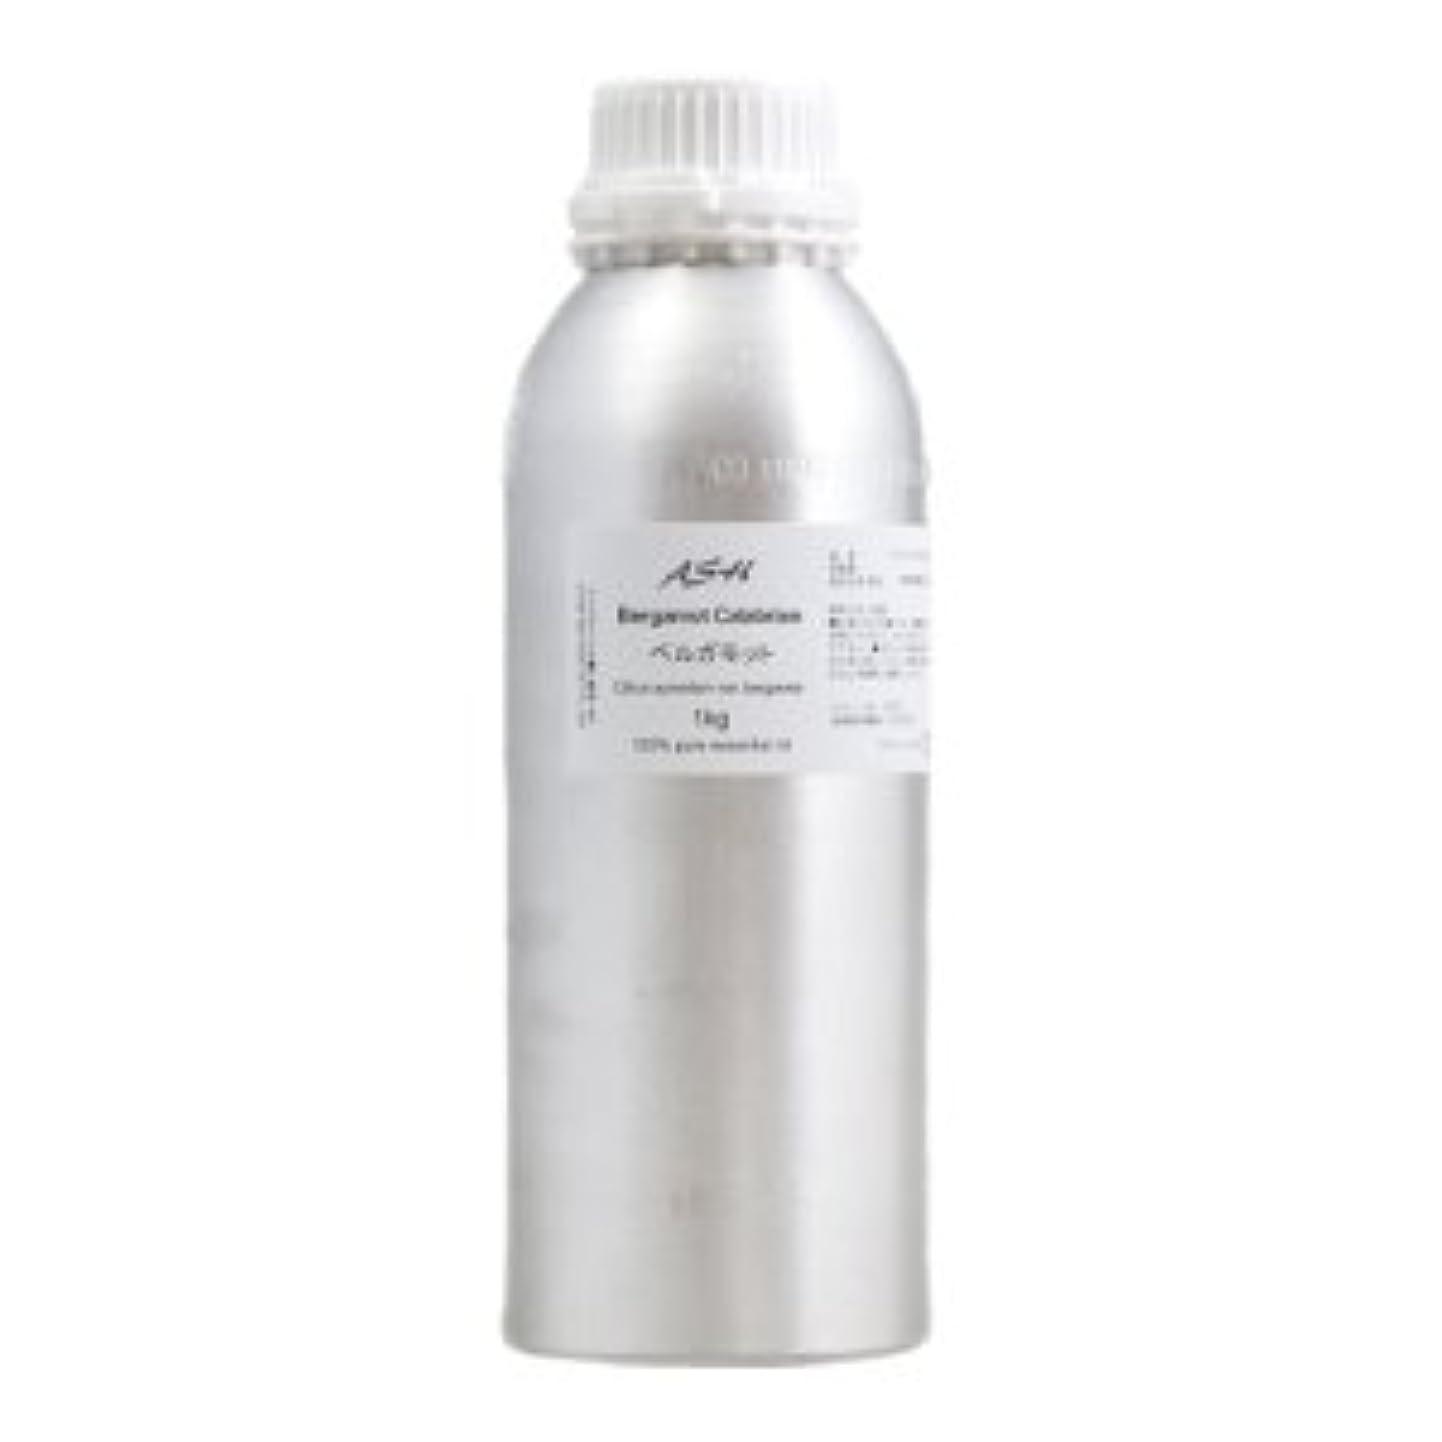 氏海上ディベートASH ベルガモット エッセンシャルオイル 業務用1kg AEAJ表示基準適合認定精油